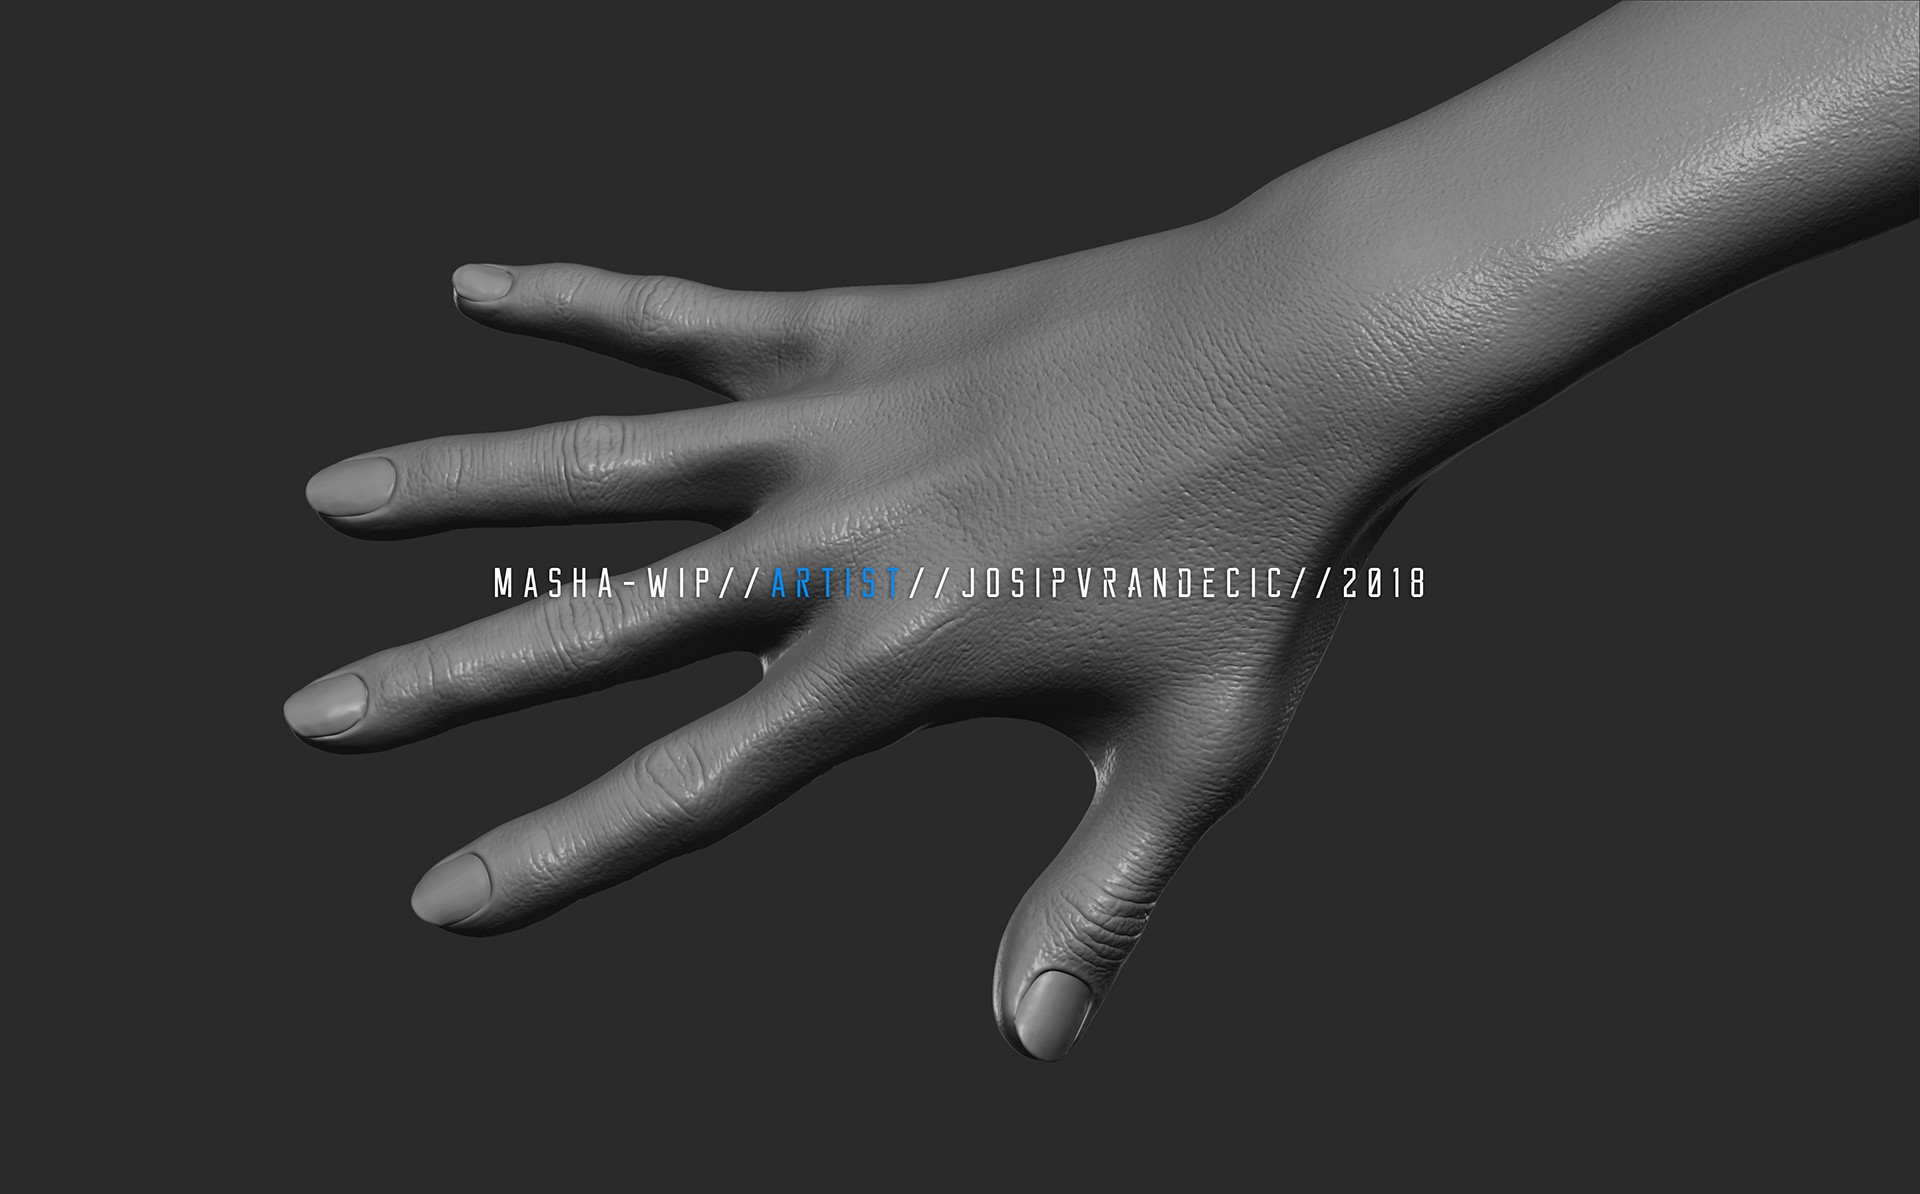 image masha-wip-hand1920.jpeg